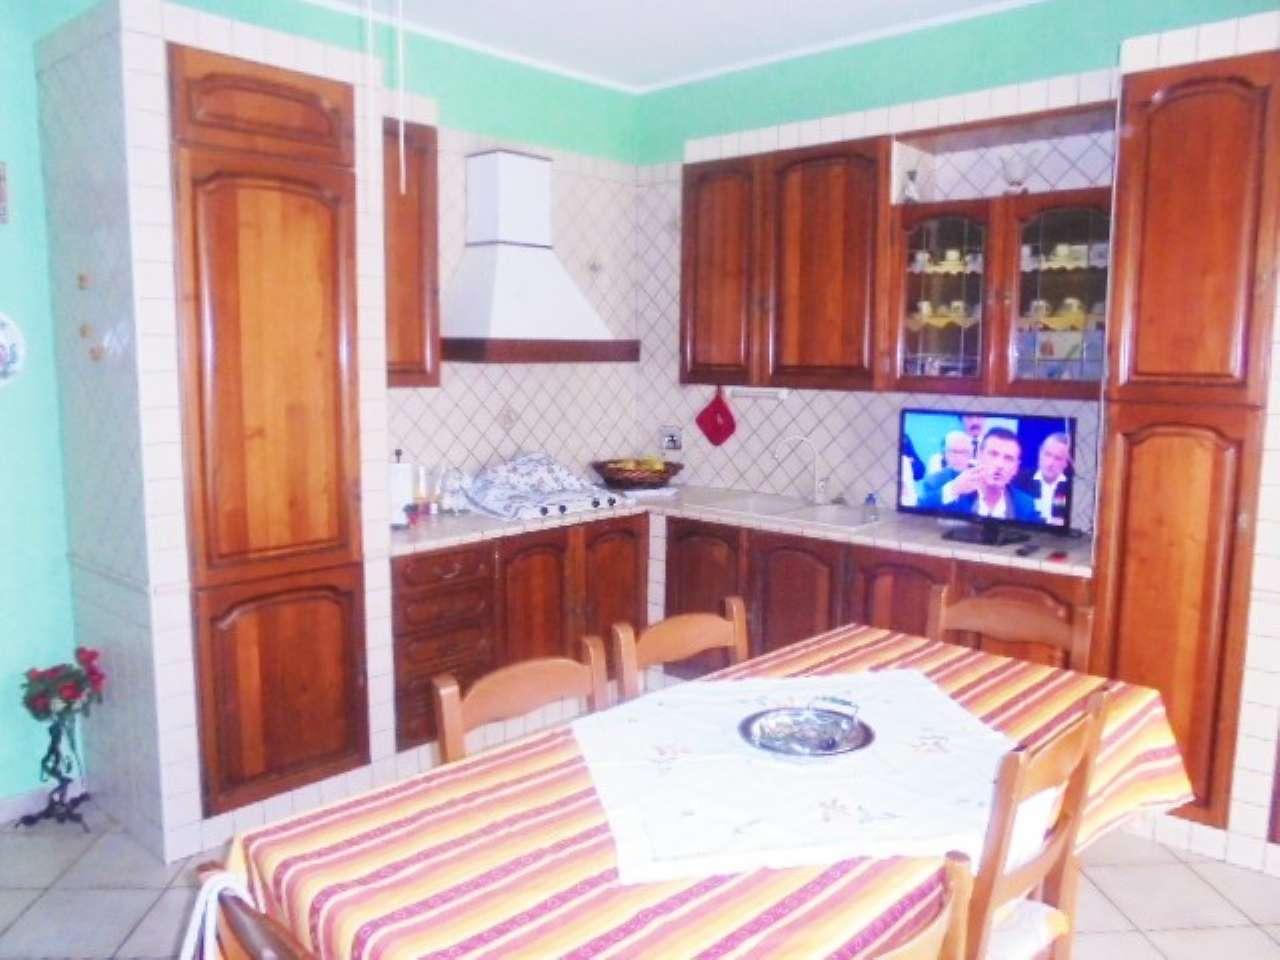 Appartamento in vendita a Santena, 3 locali, prezzo € 110.000 | CambioCasa.it